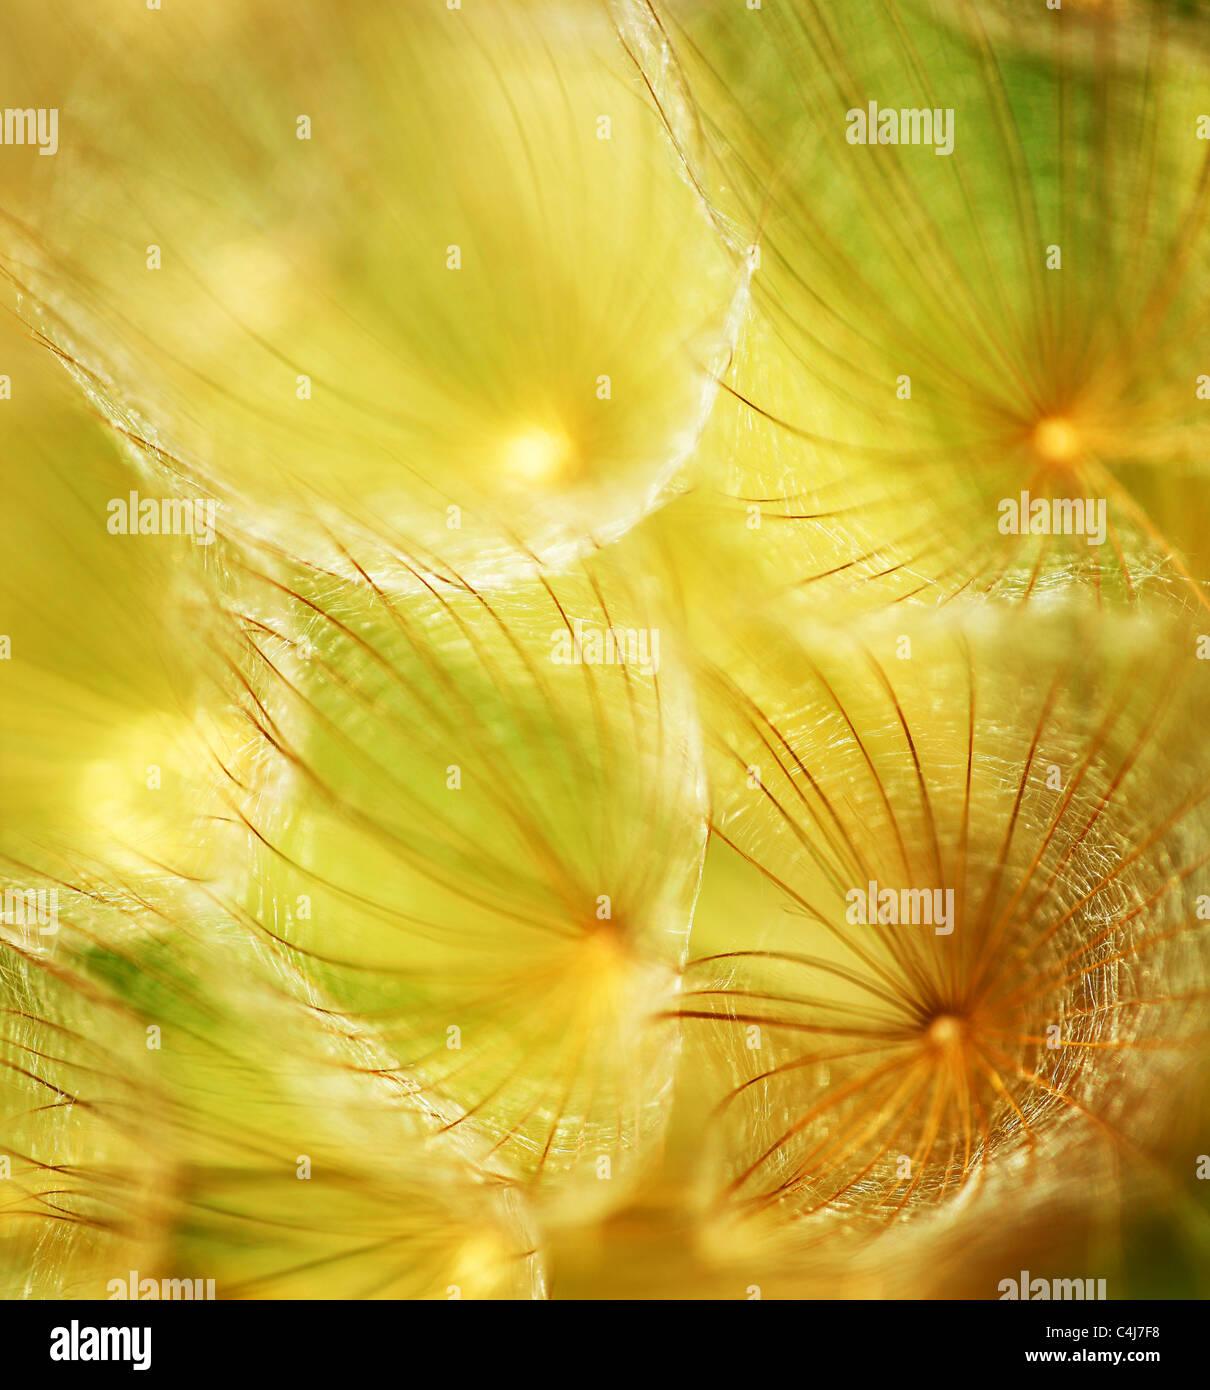 Weiche Blume Löwenzahn, extreme Nahaufnahme, abstrakten Feder Natur Hintergrund Stockbild